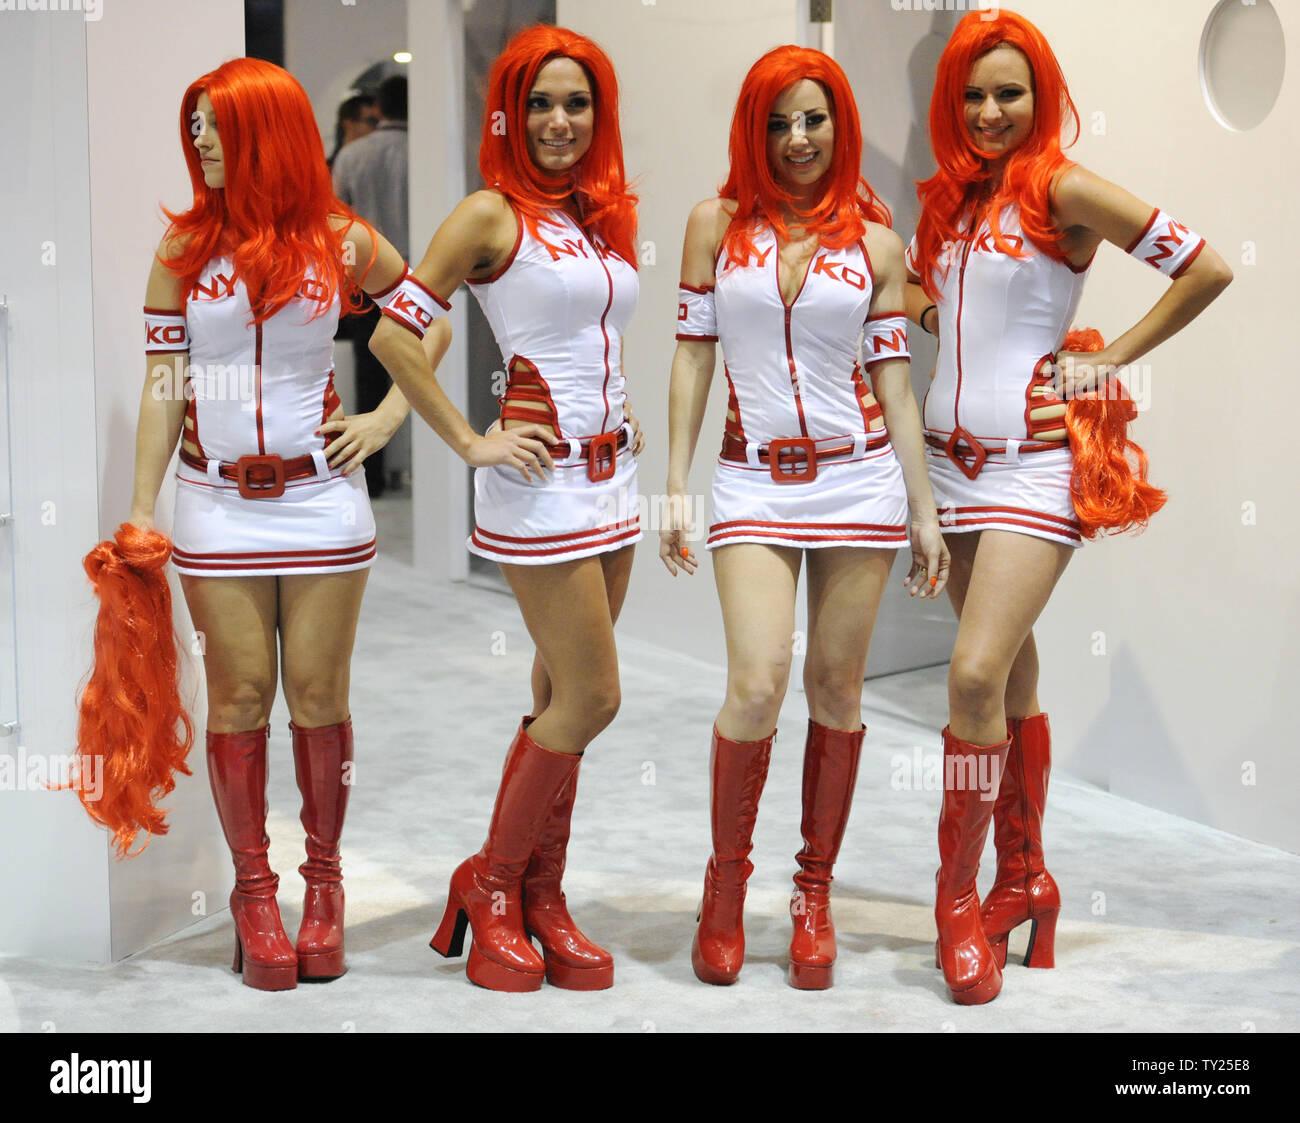 Le ragazze in costume posa per fotografie e passare fuori parrucche colorate al Nyko booth durante l'E3 (Electronic Entertainment Expo che si terrà presso il Convention Center di Los Angeles il 9 giugno 2011. UPI/Fil McCarten Foto Stock